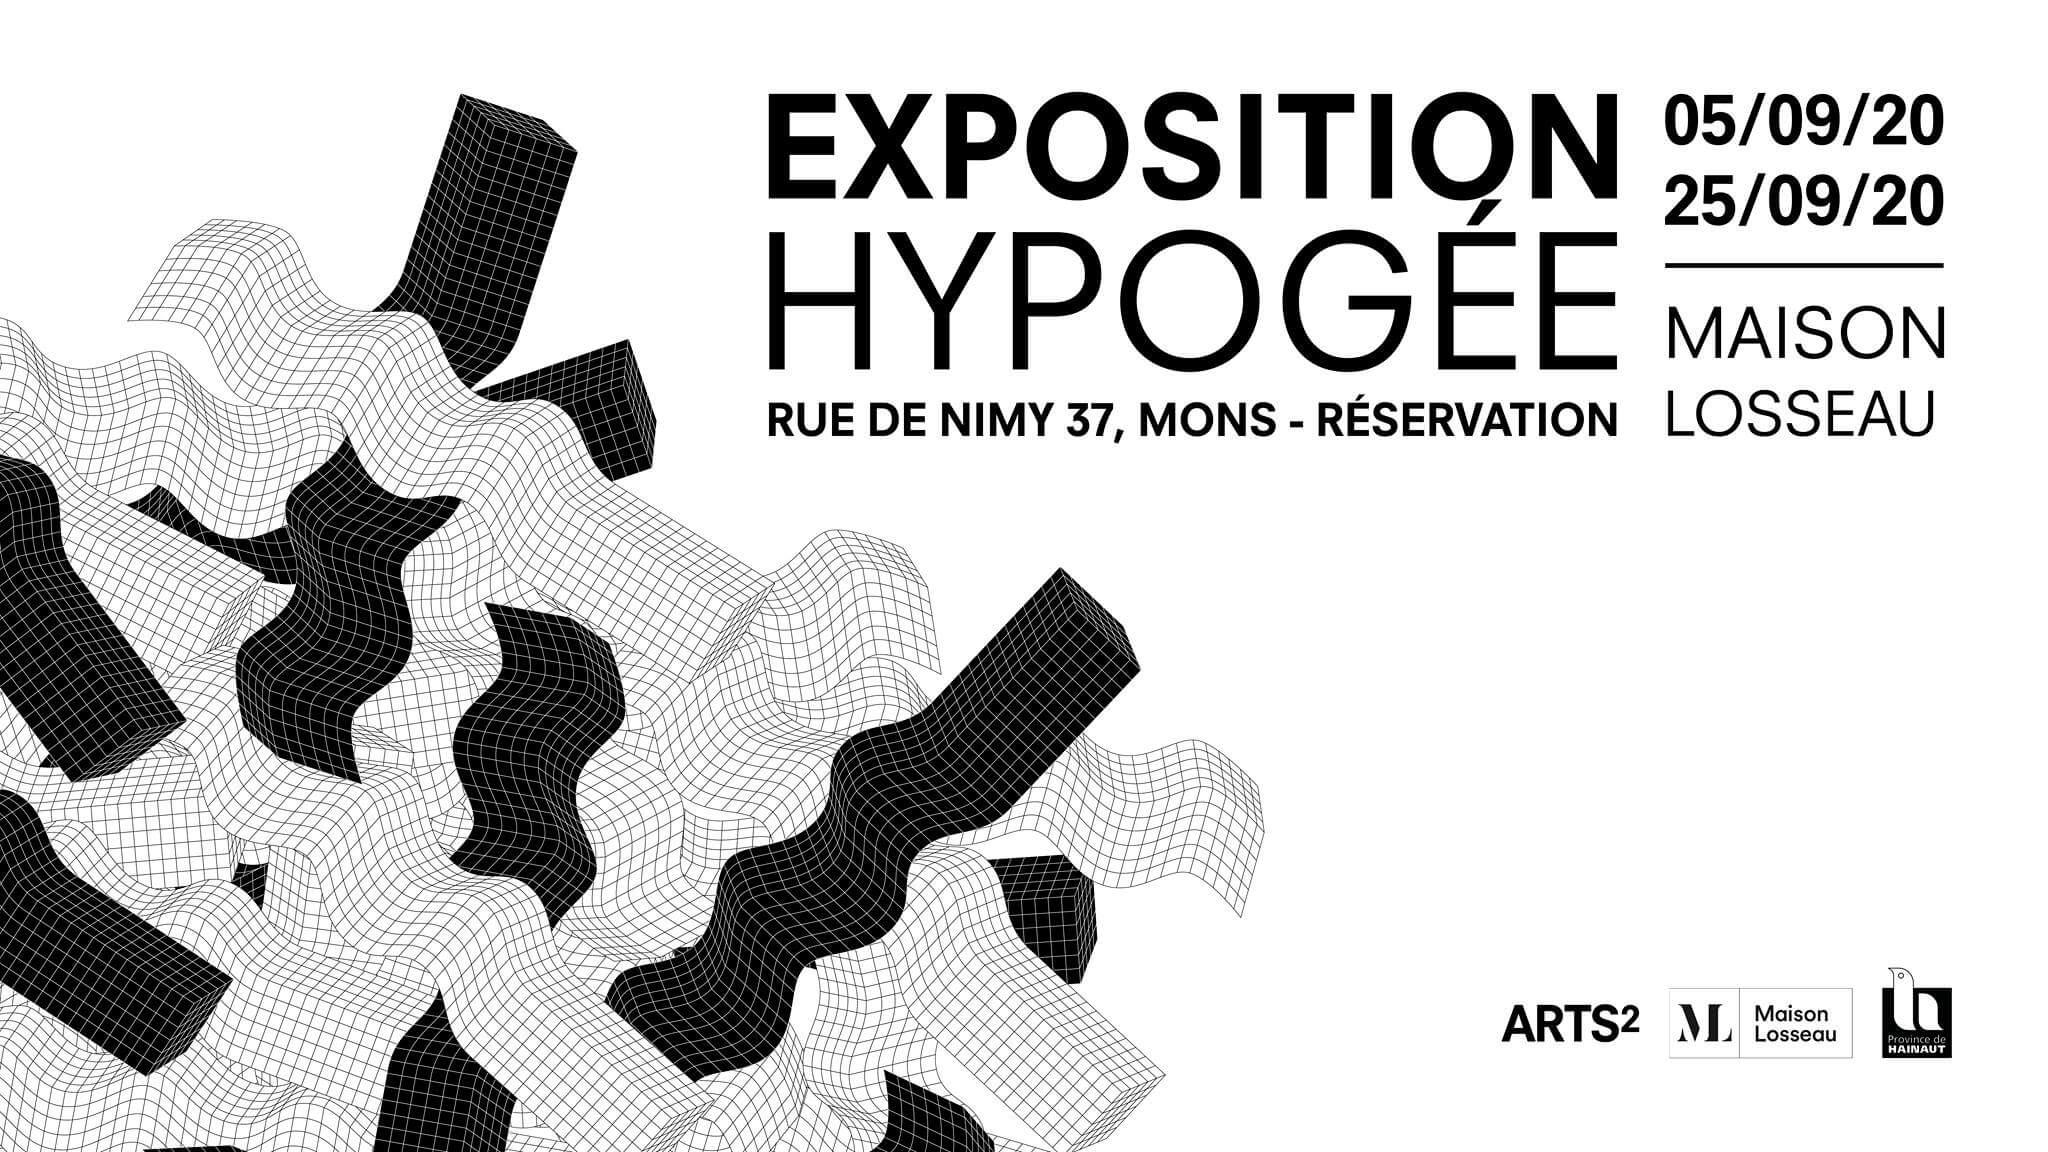 Exposition Hypogée Maison Losseau